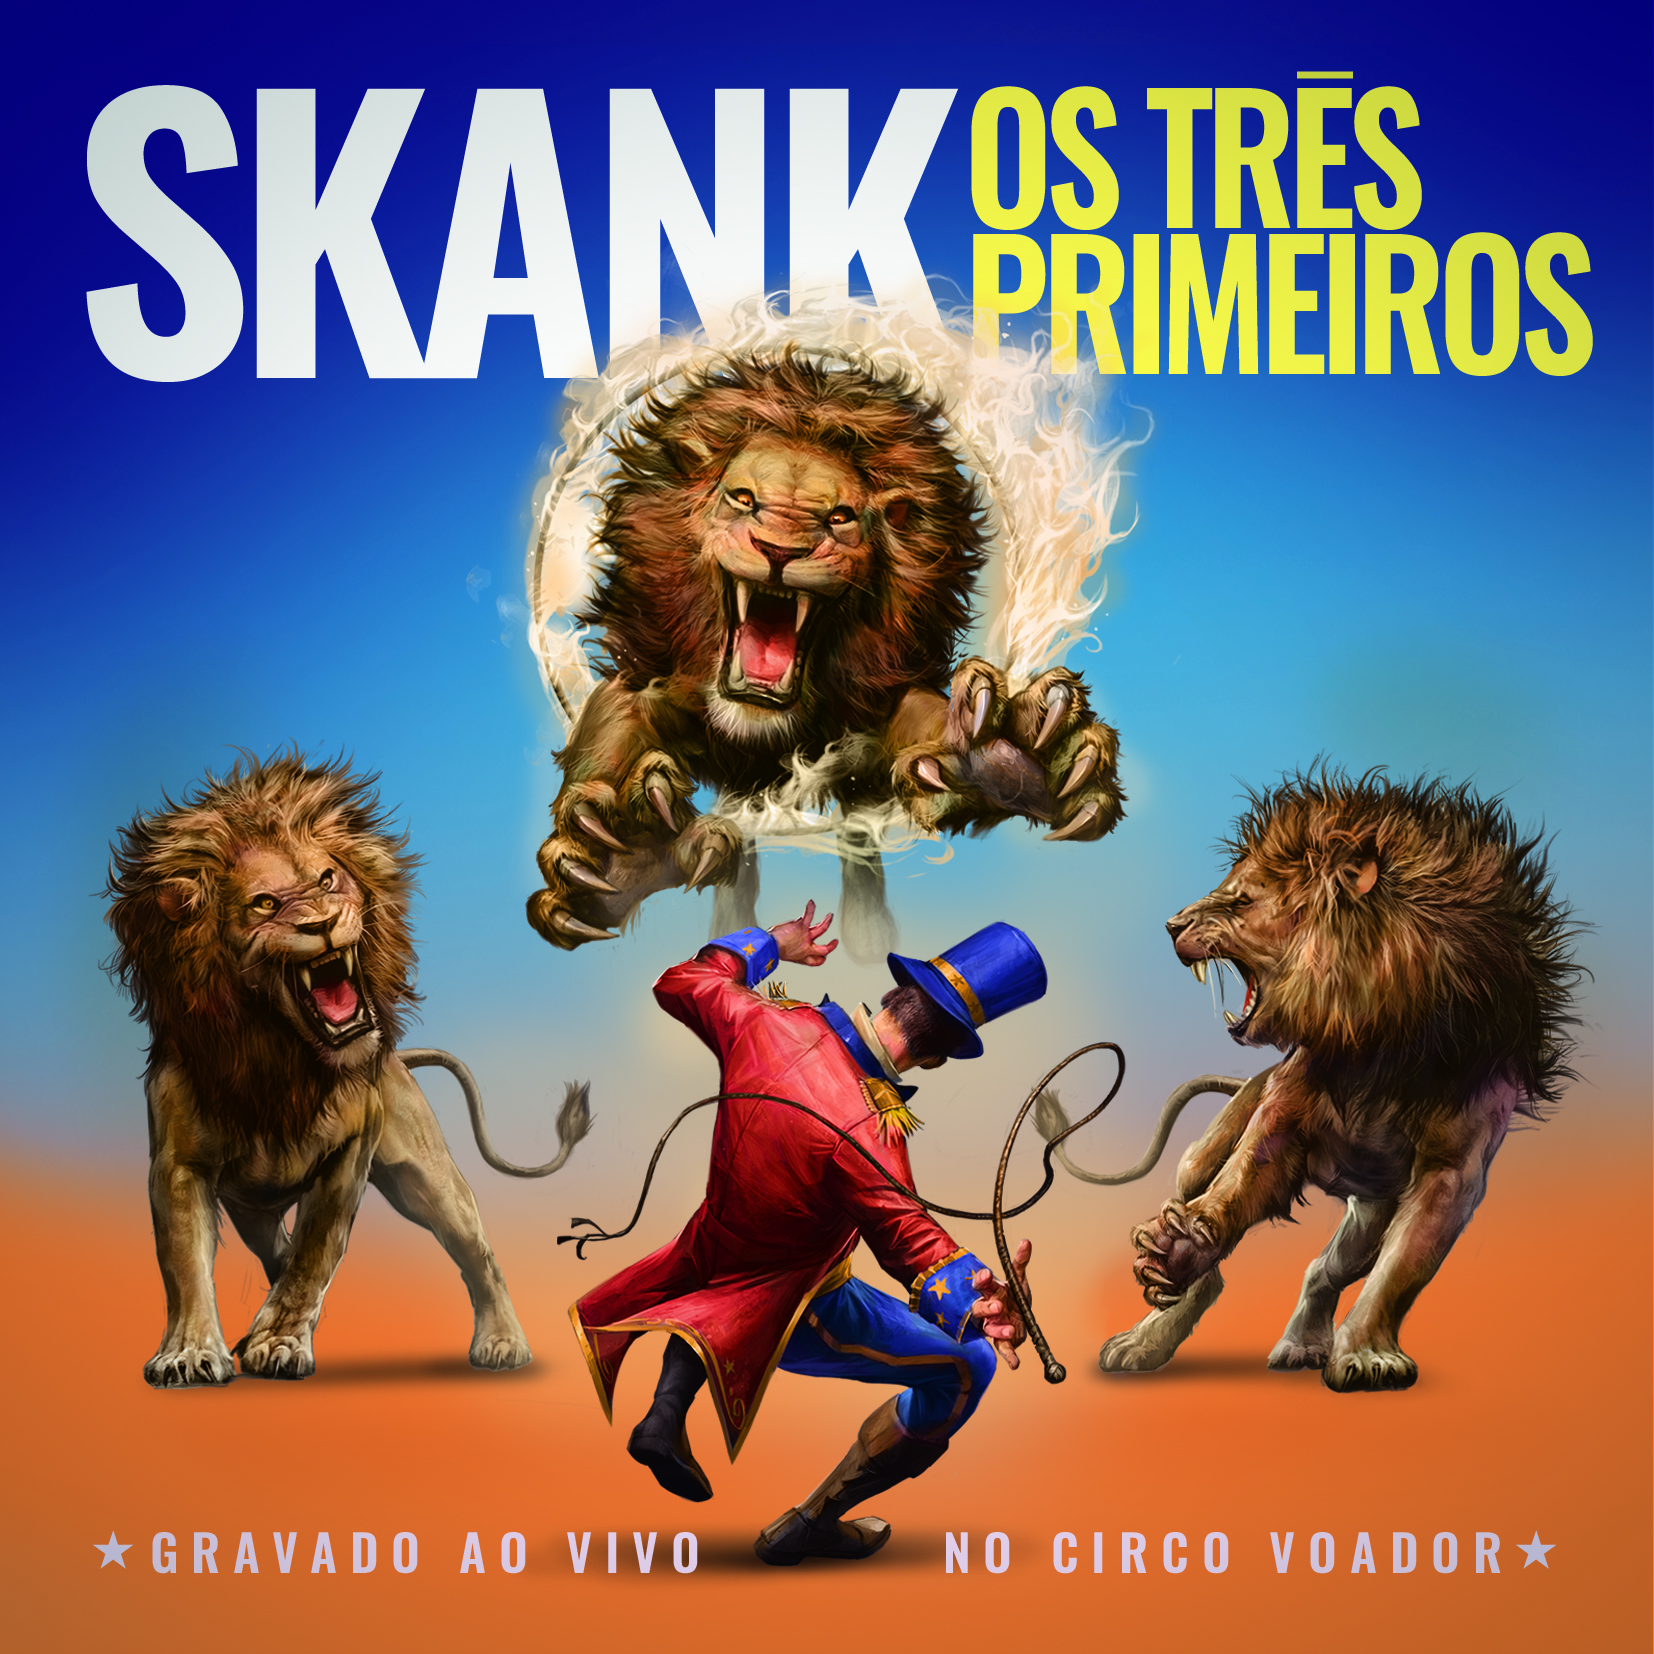 Skank - Os Três Primeiros